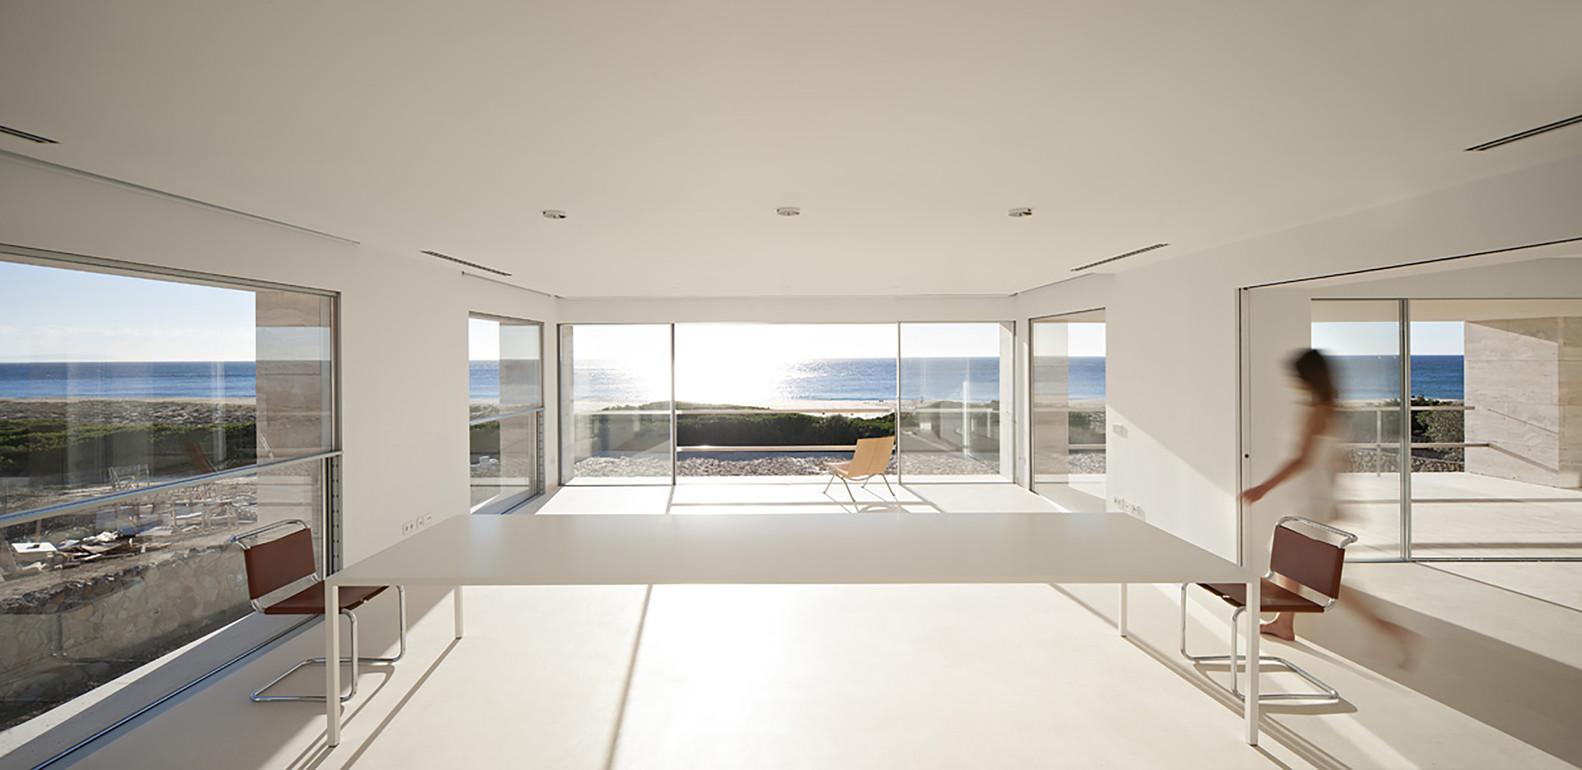 """9 12 - """"Casa del infinito"""": Horizonte espectacular de cielo y mar en Zahara de los Atunes (Cádiz)"""